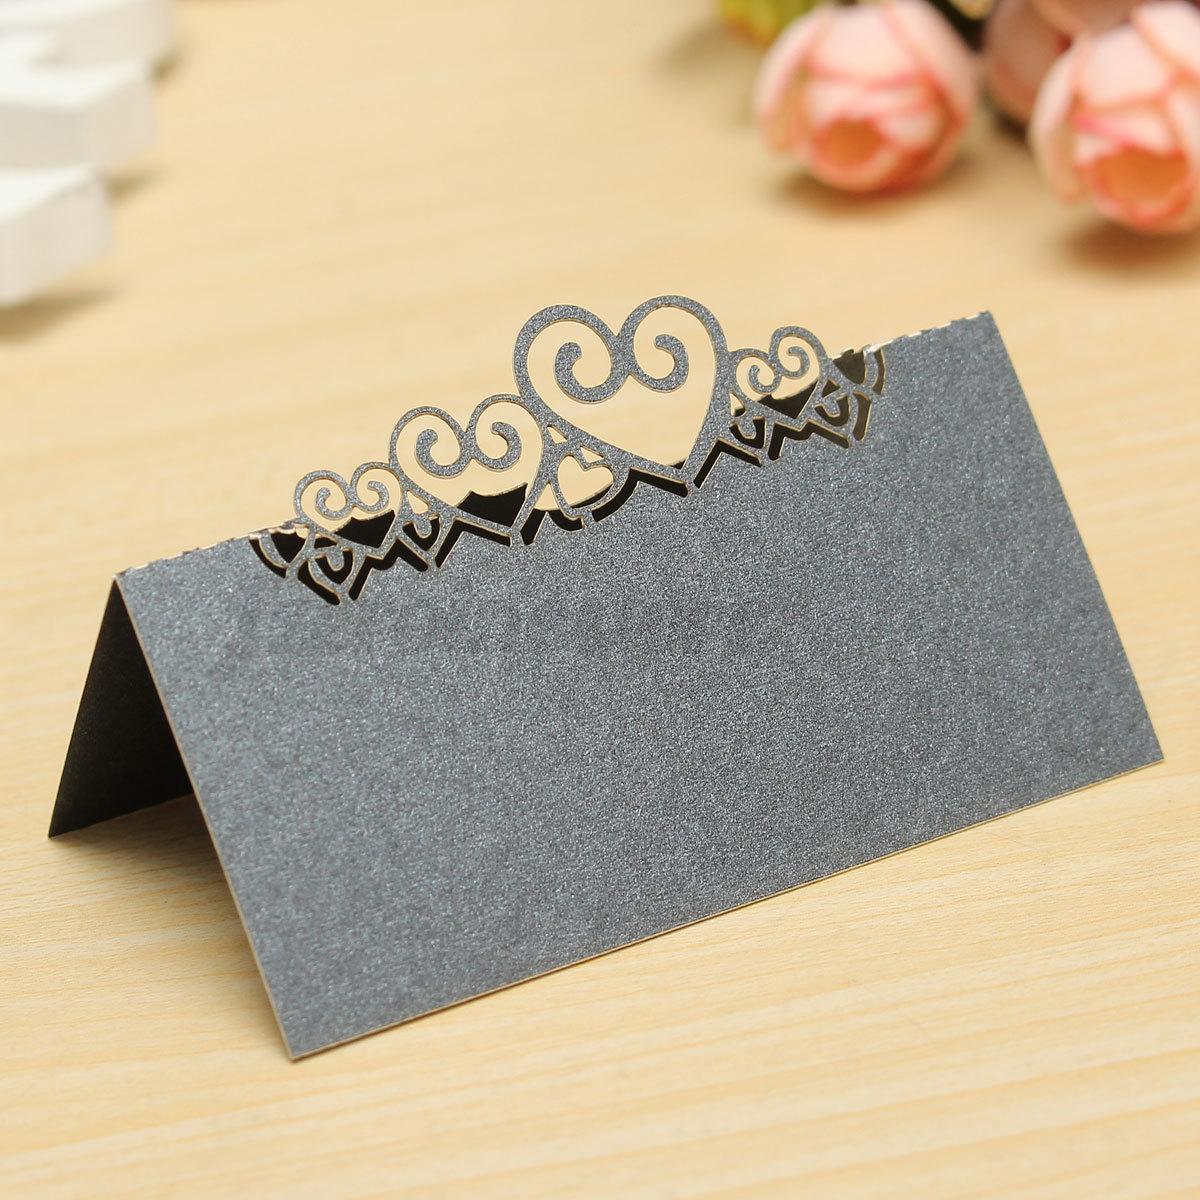 10tlg liebe herz platzkarten tischkarten namenskarten hochzeit taufe party deko ebay. Black Bedroom Furniture Sets. Home Design Ideas